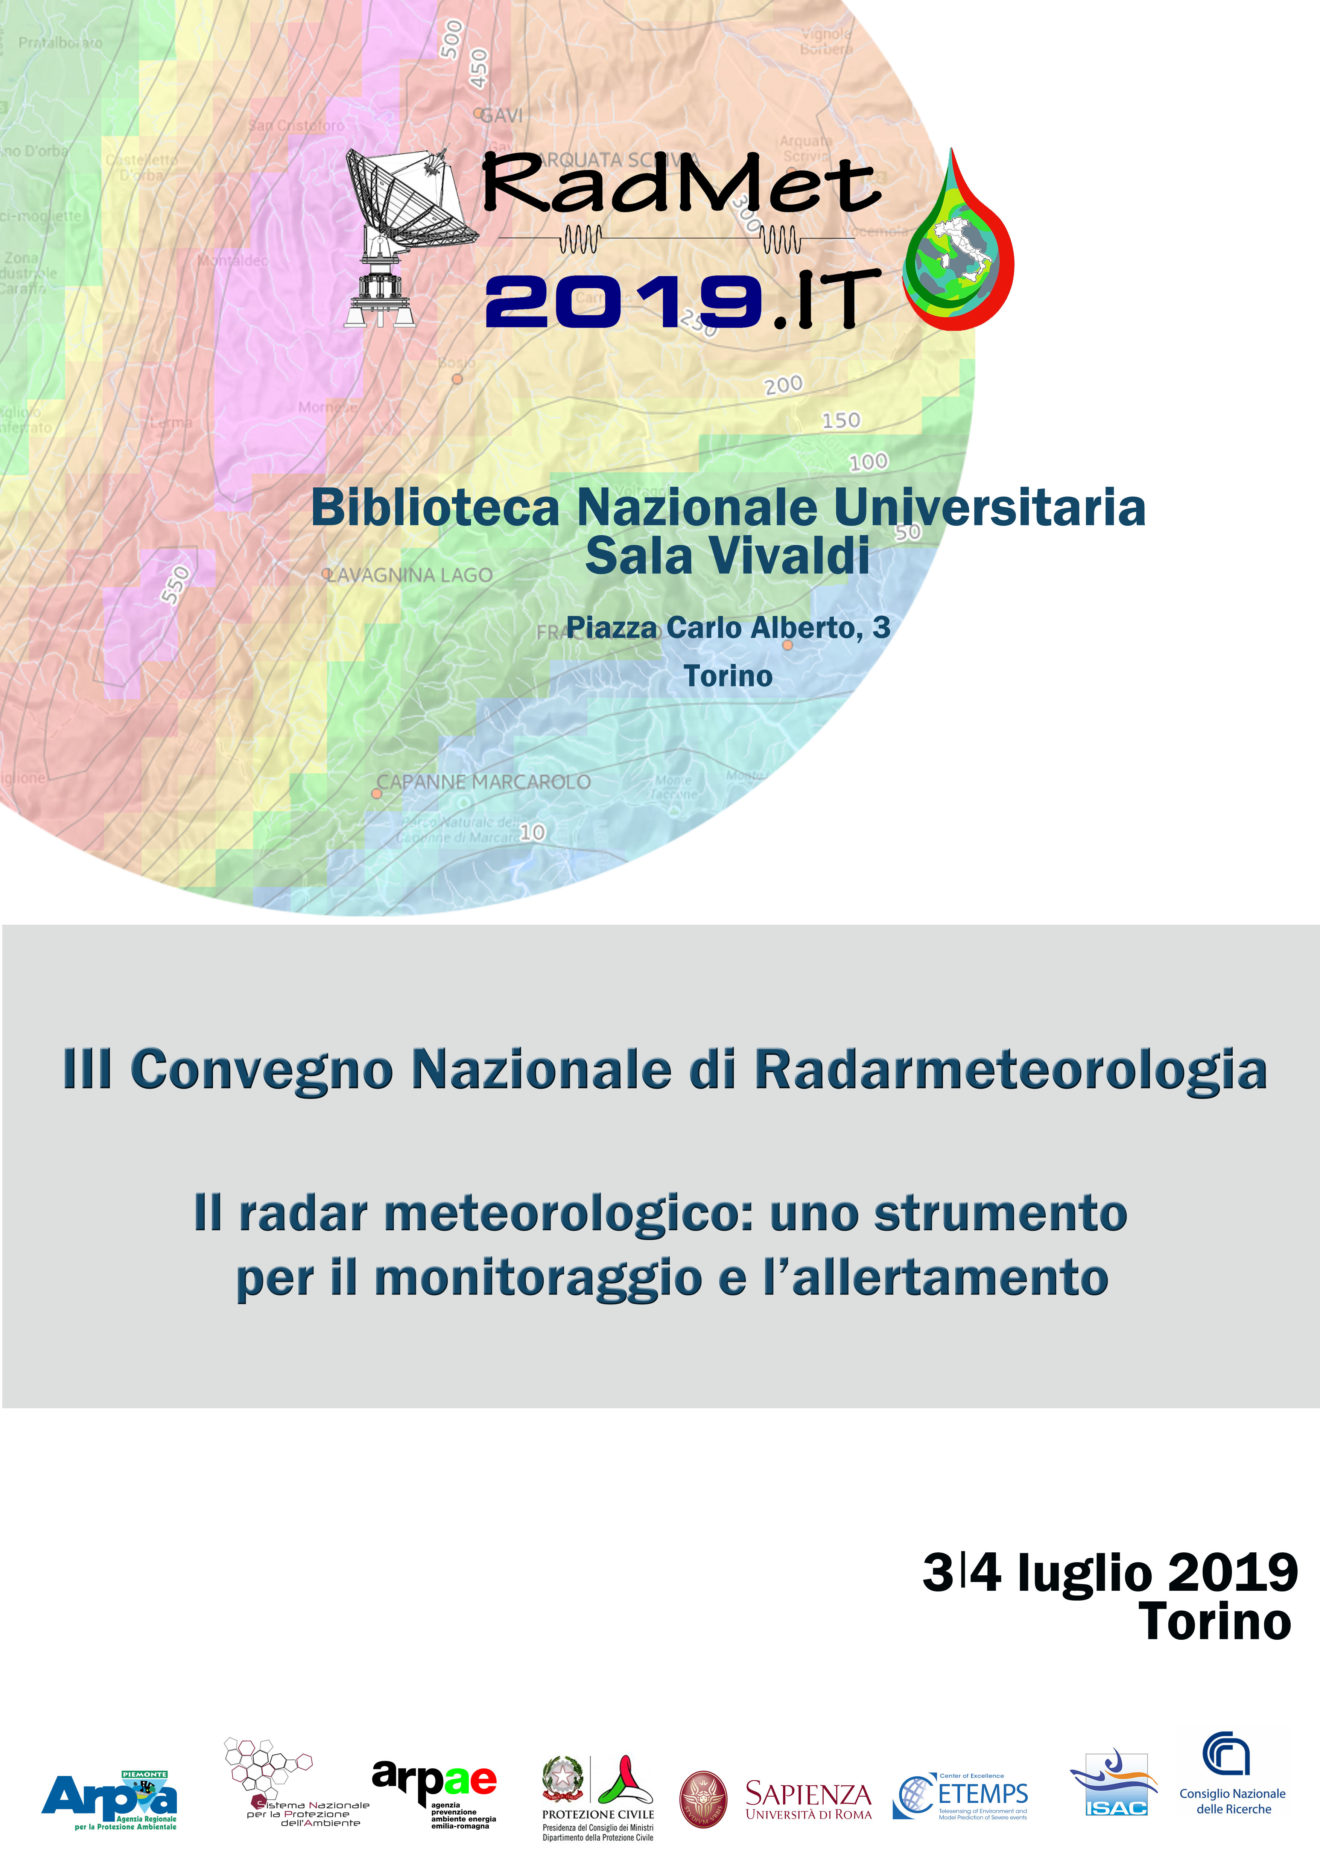 Convegno nazionale di radar meteorologia 3 e 4 luglio 2019 a Torino